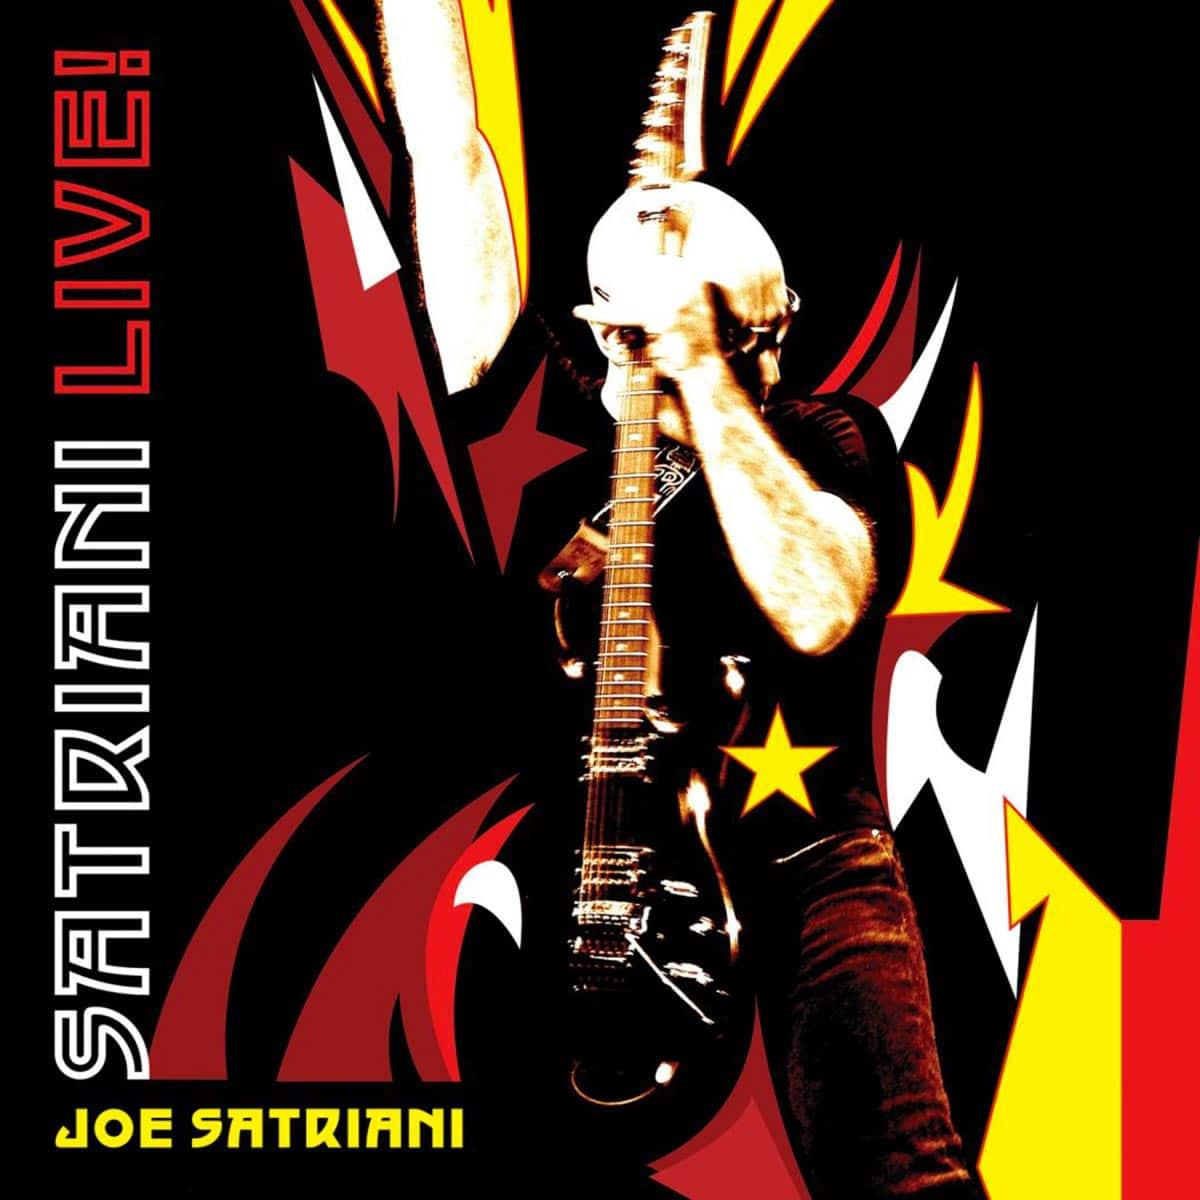 Joe Satriani live! 2006